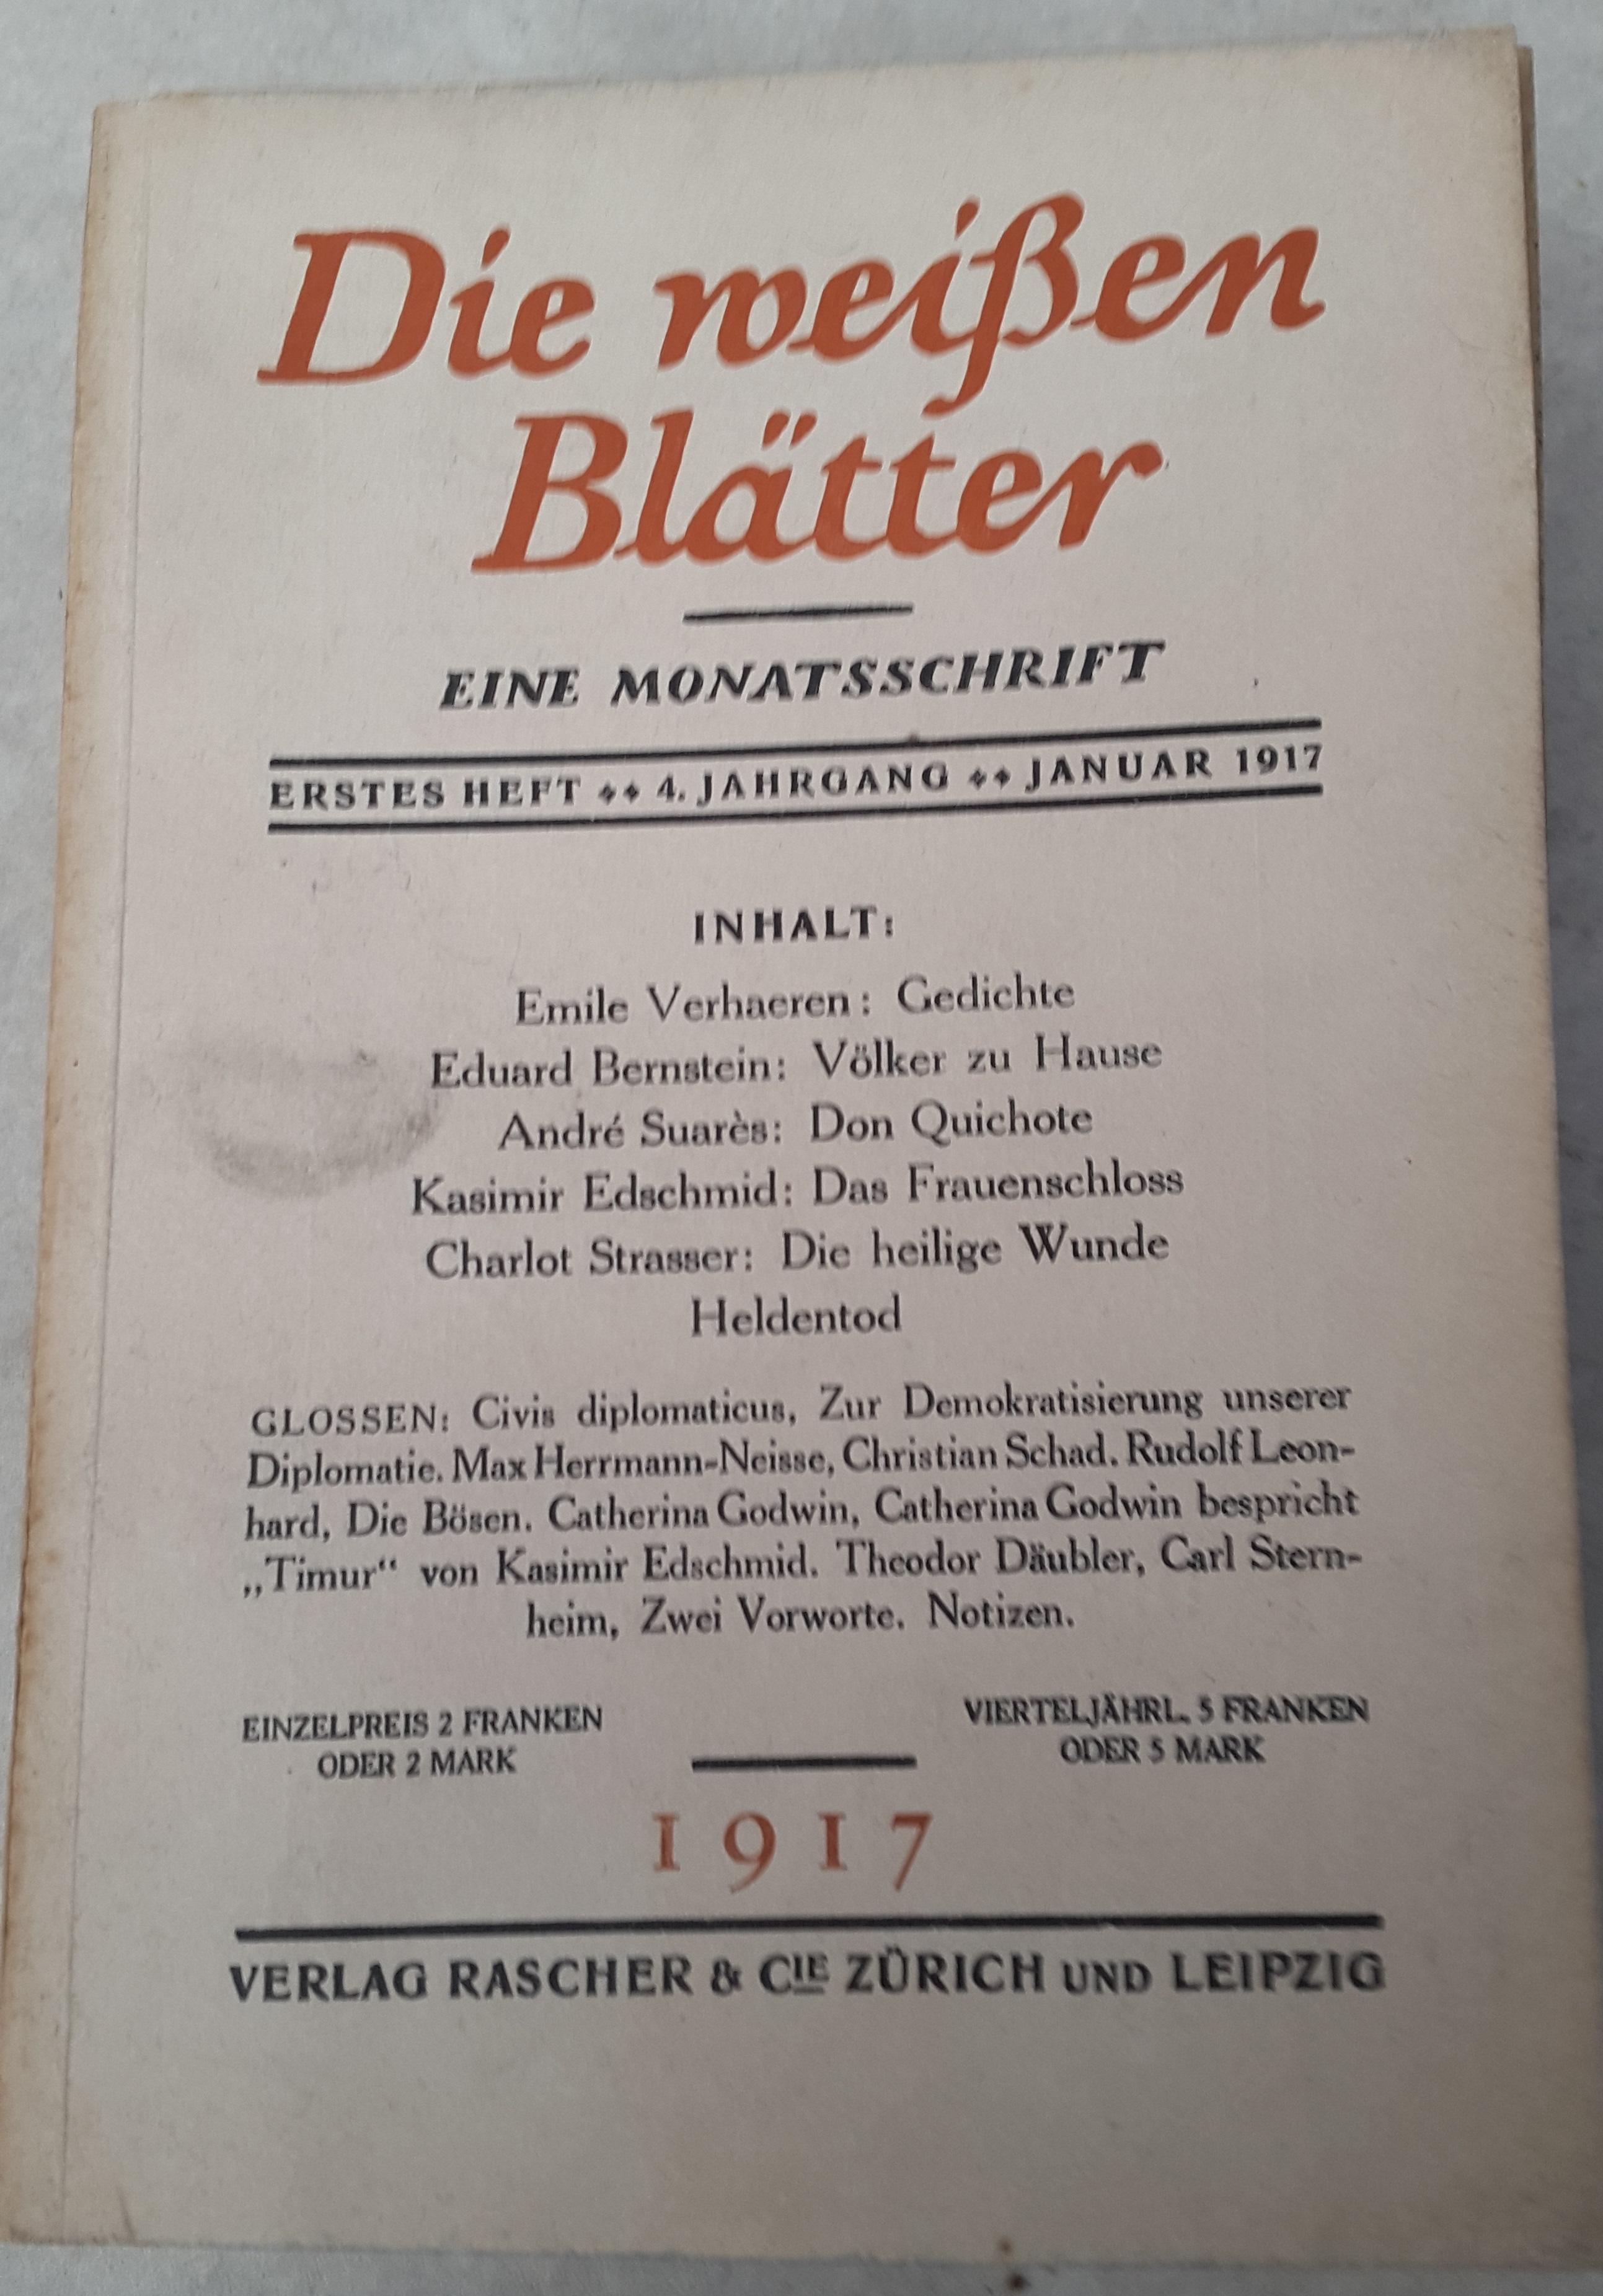 Die weißen Blätter: eine Monatsschrift, 4. Jahrg., Heft 1, Jan. 1917